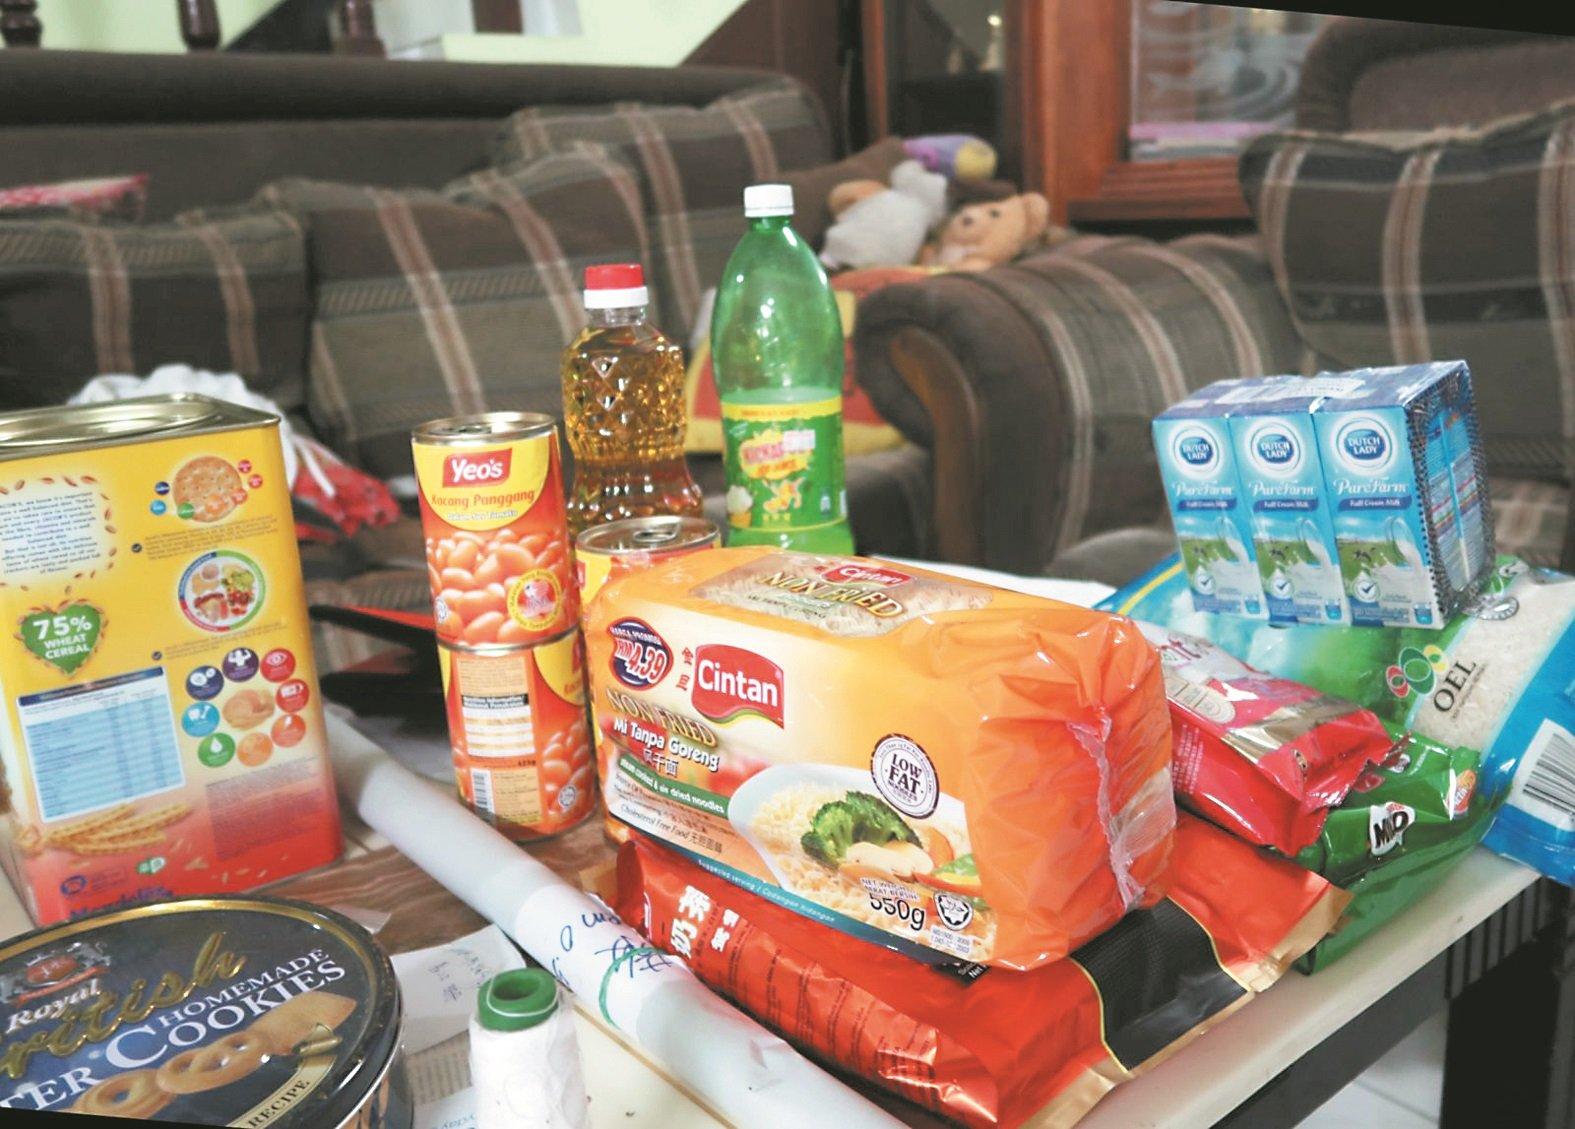 李容香住家客厅的桌上摆放著教会团体刚送来的粮食,不过很多时候,母女都是靠面包裹腹。